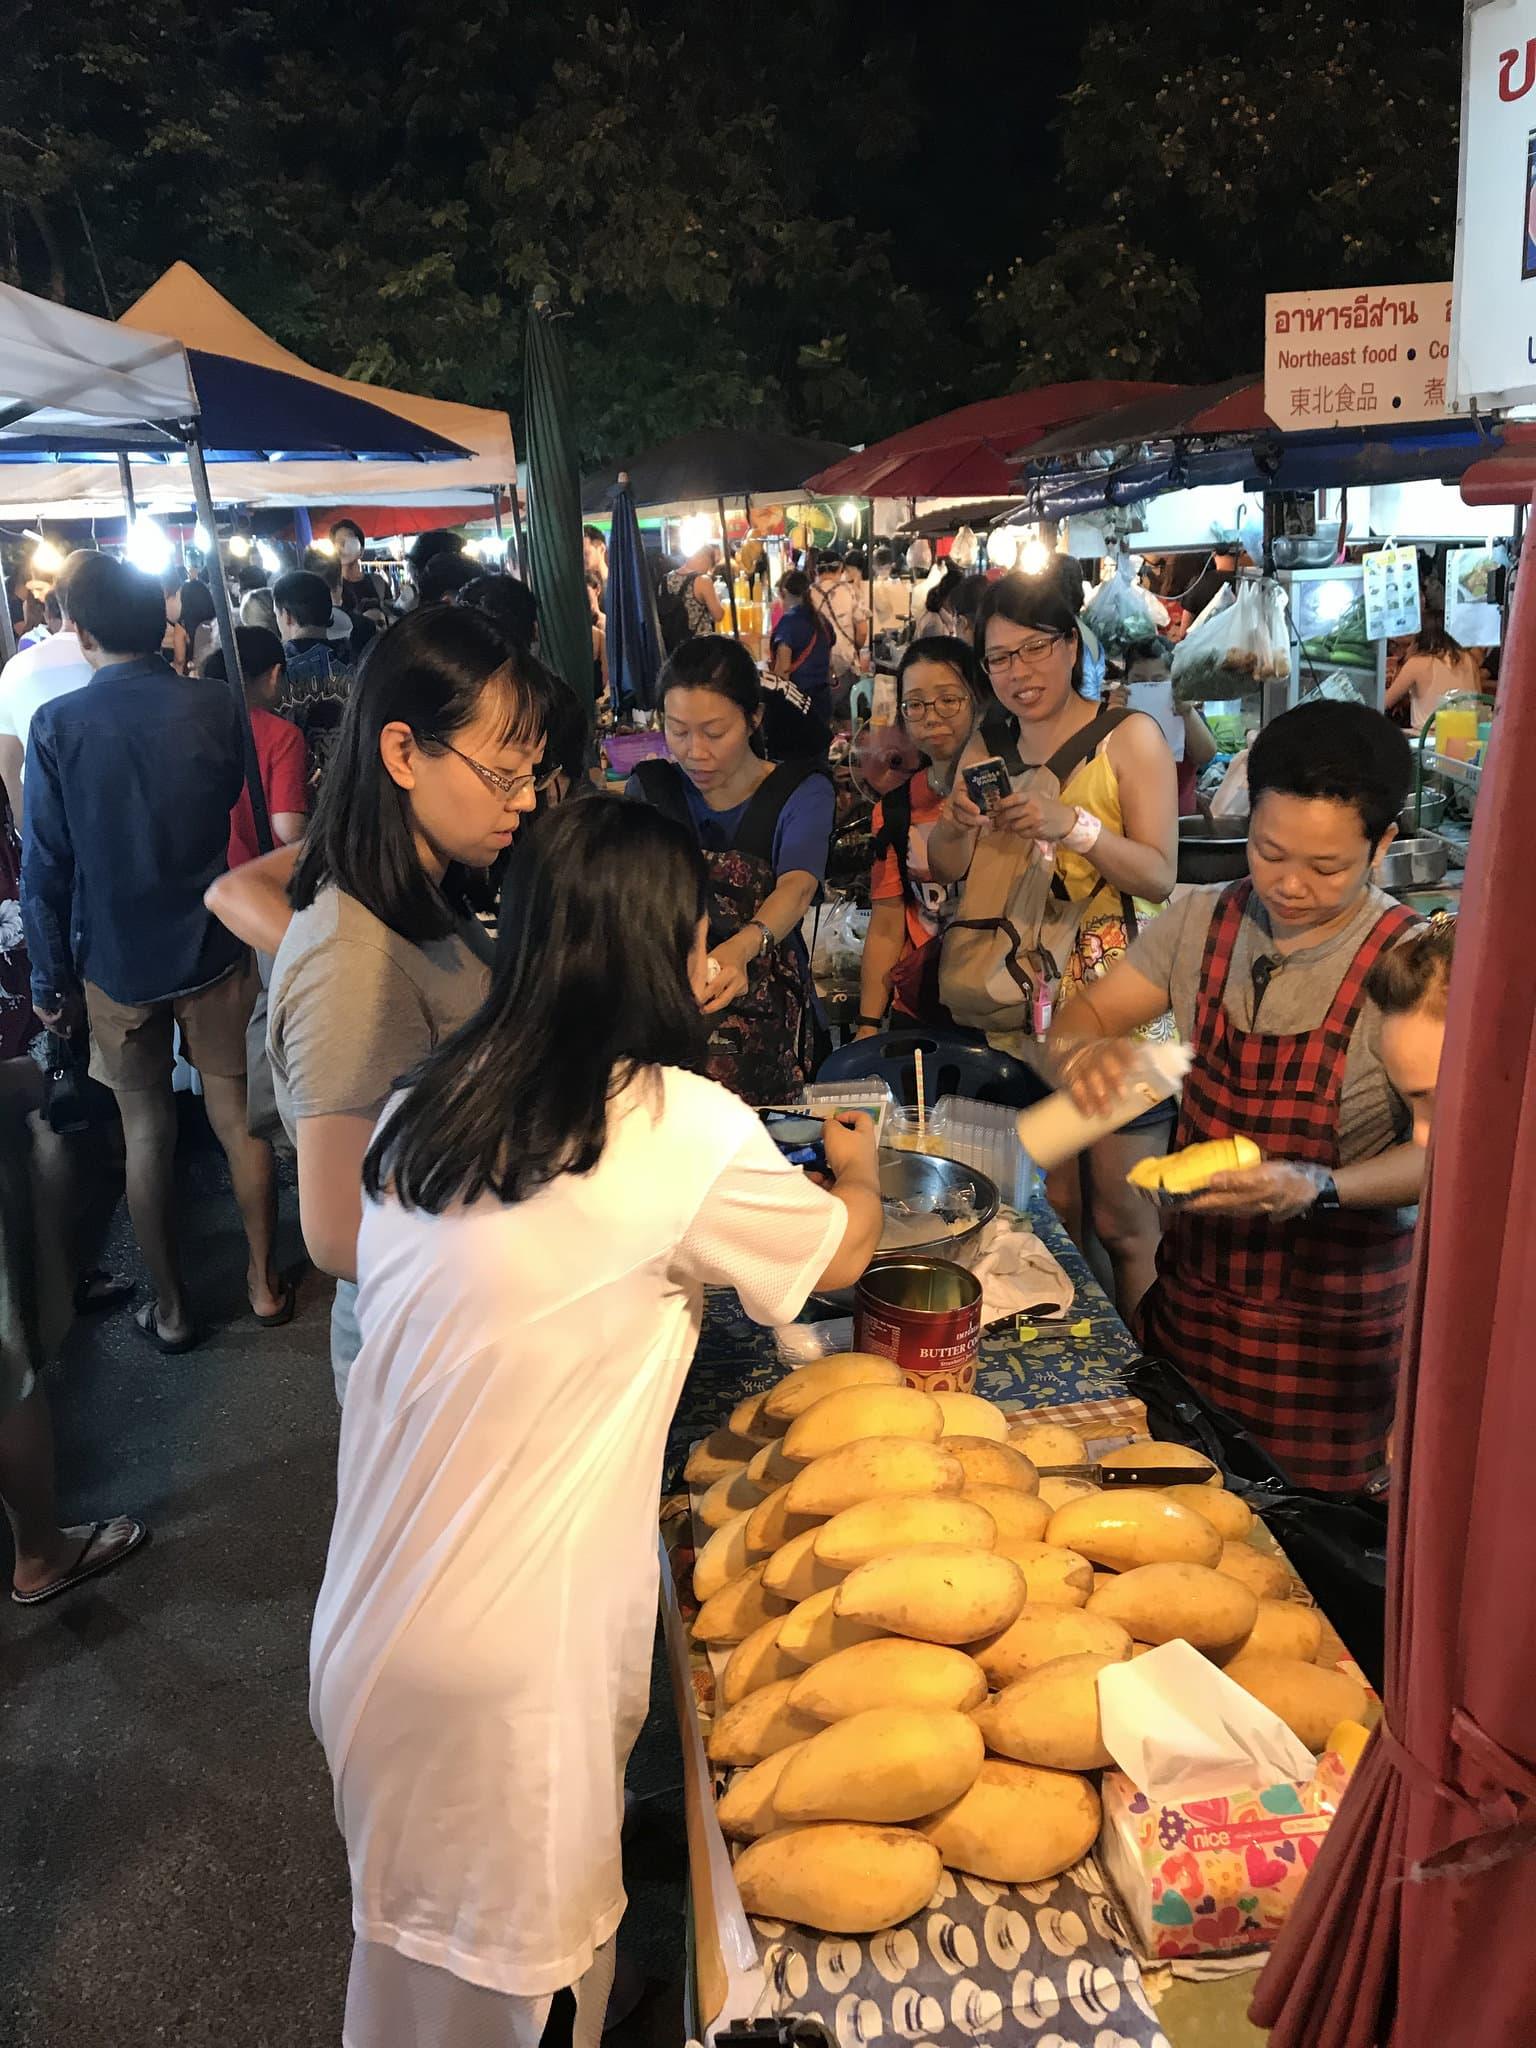 xoài tại chợ đêm thứ bảy